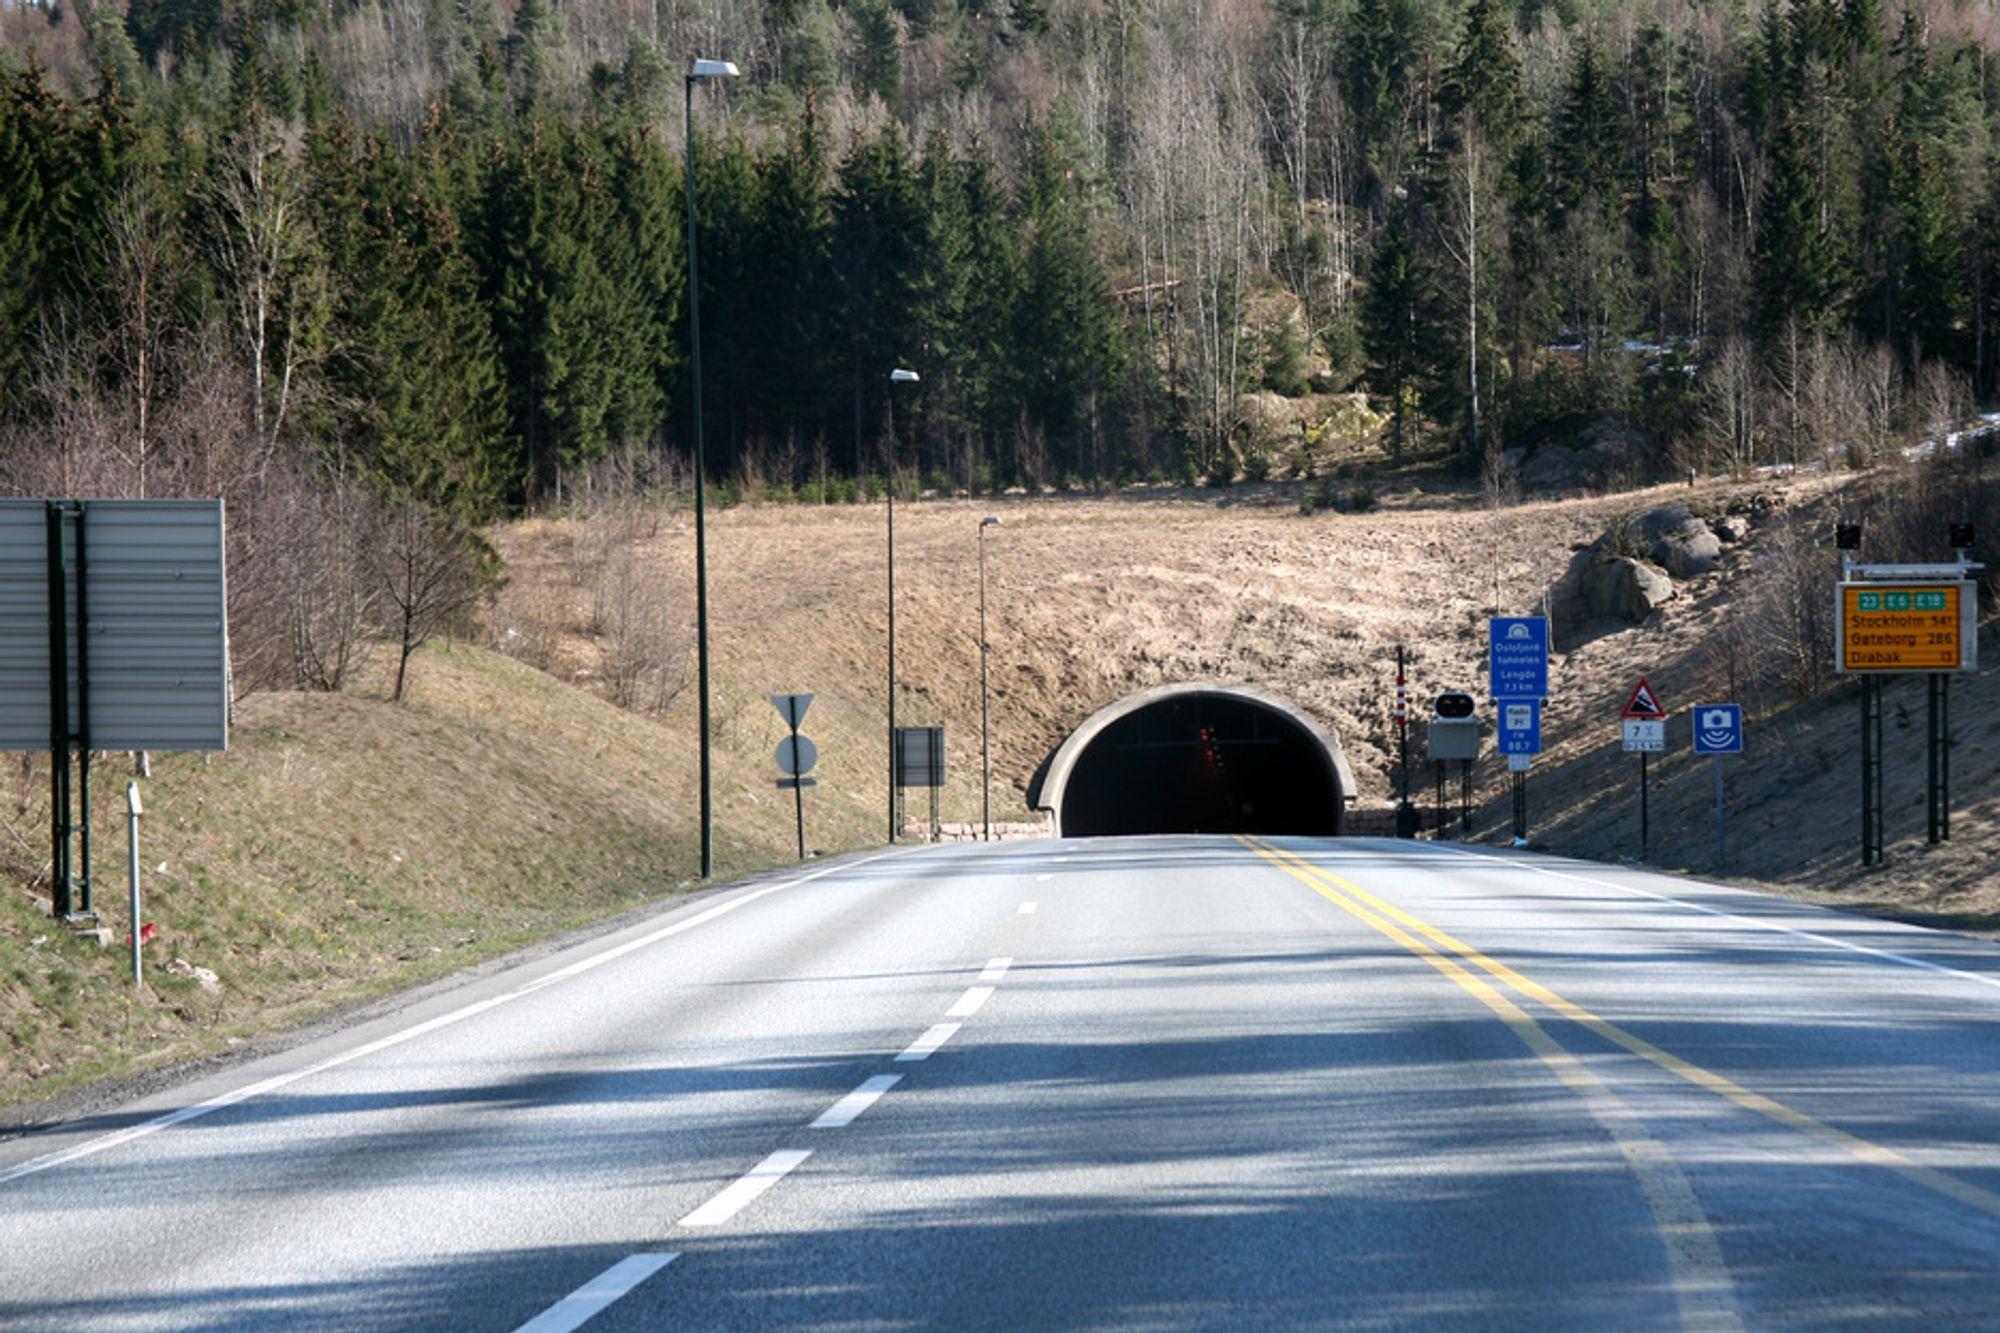 FORTSATT IKKE FOR TUNGTRANSPORT: Strakstiltak i Oslofjordtunnelen gir ikke tilstrekkelig sikkerhet ved åpning for trafikk over 7,5 tonn.